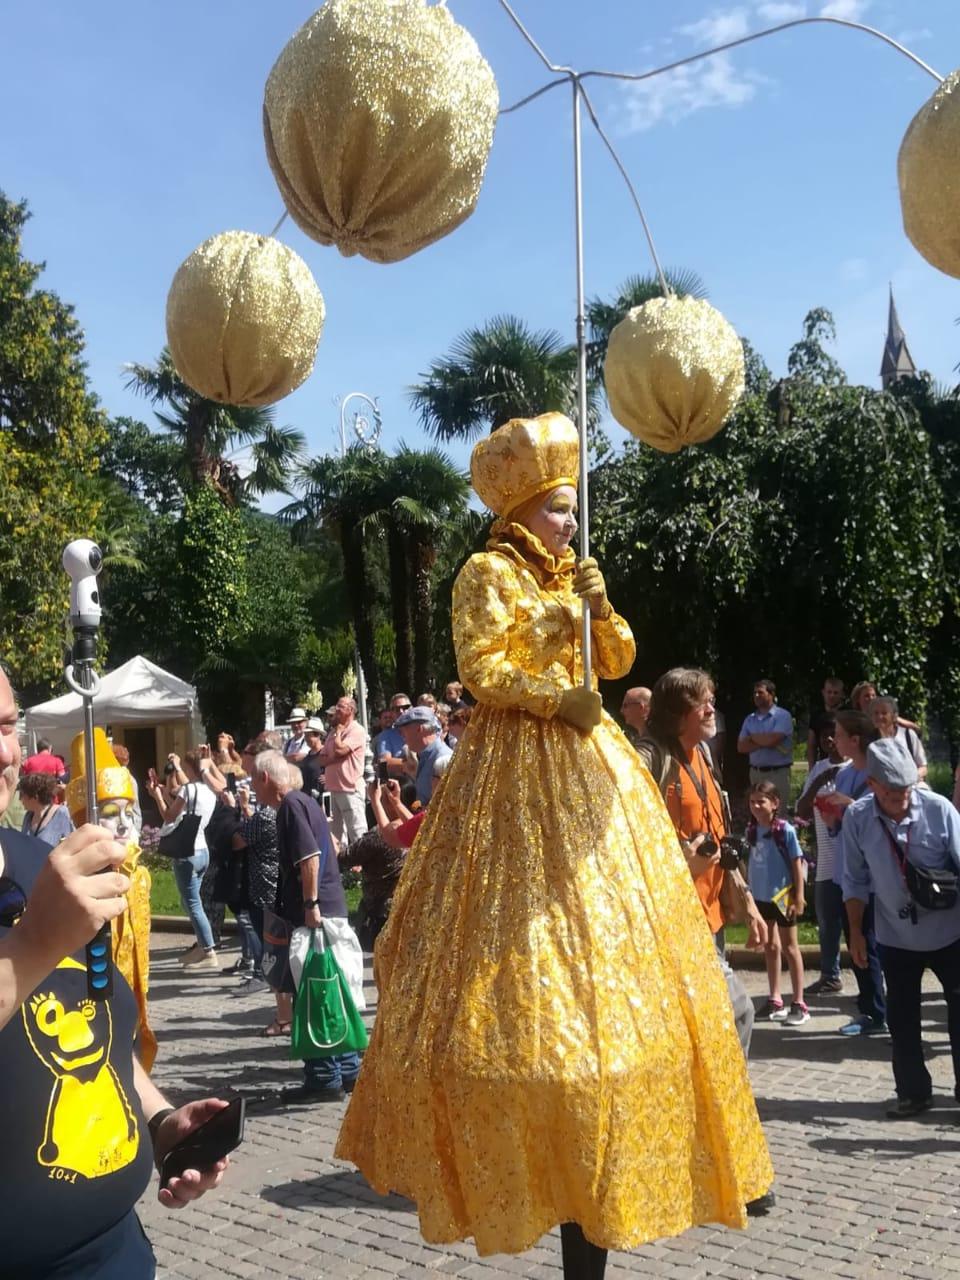 Шествие уличных артистов и музыкантов 9 июня 2018 г. в Мерано.